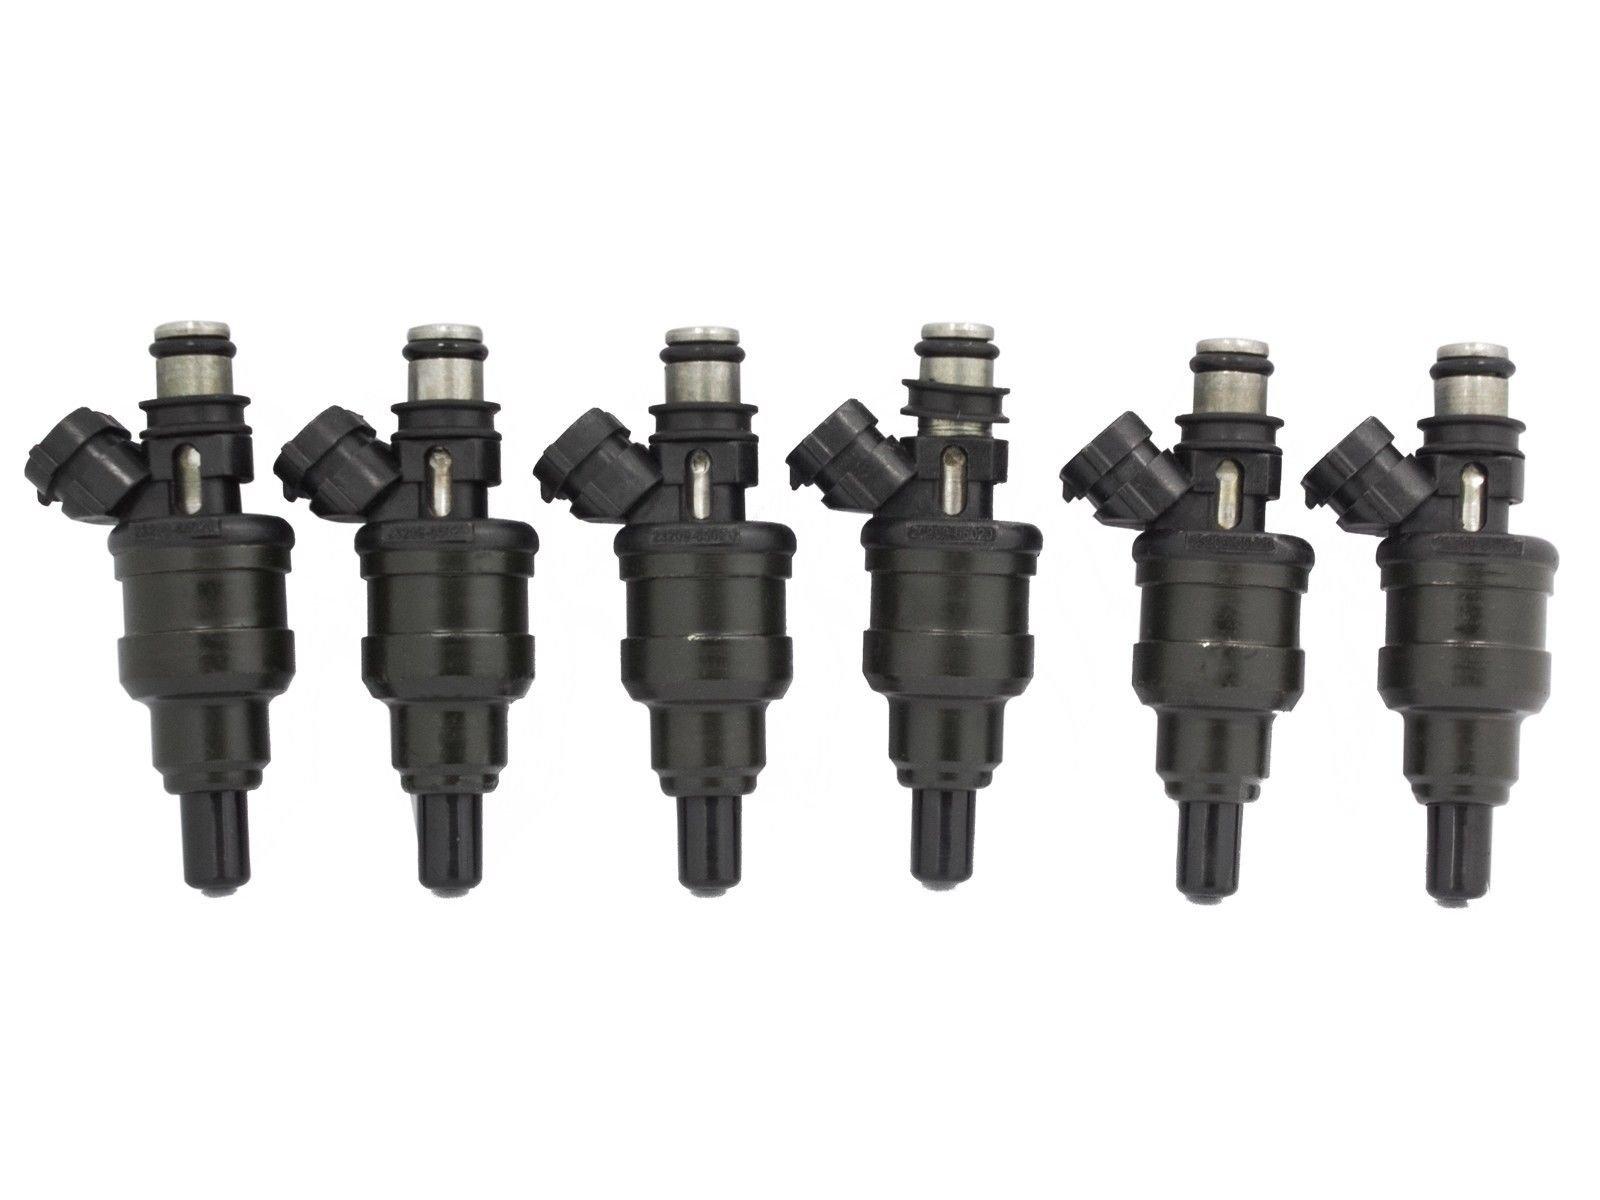 Set of 6 Fuel Injectors For 89-95 Toyota 4Runner Pickup 3VZE 3.0L V6 23250-65020